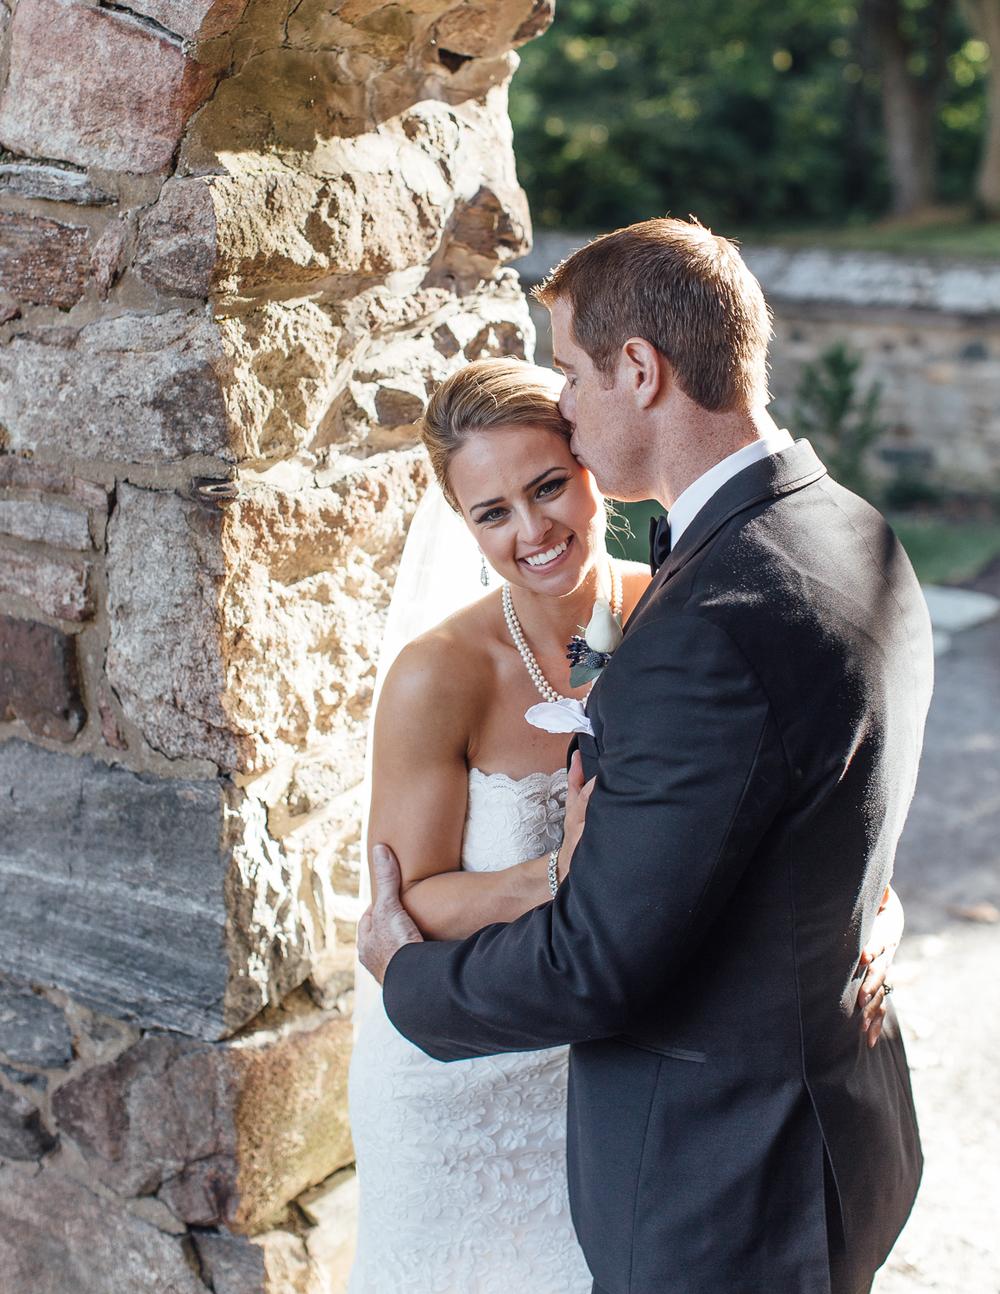 Allison_ZauchaPhotography_wedding_photography-167.jpg